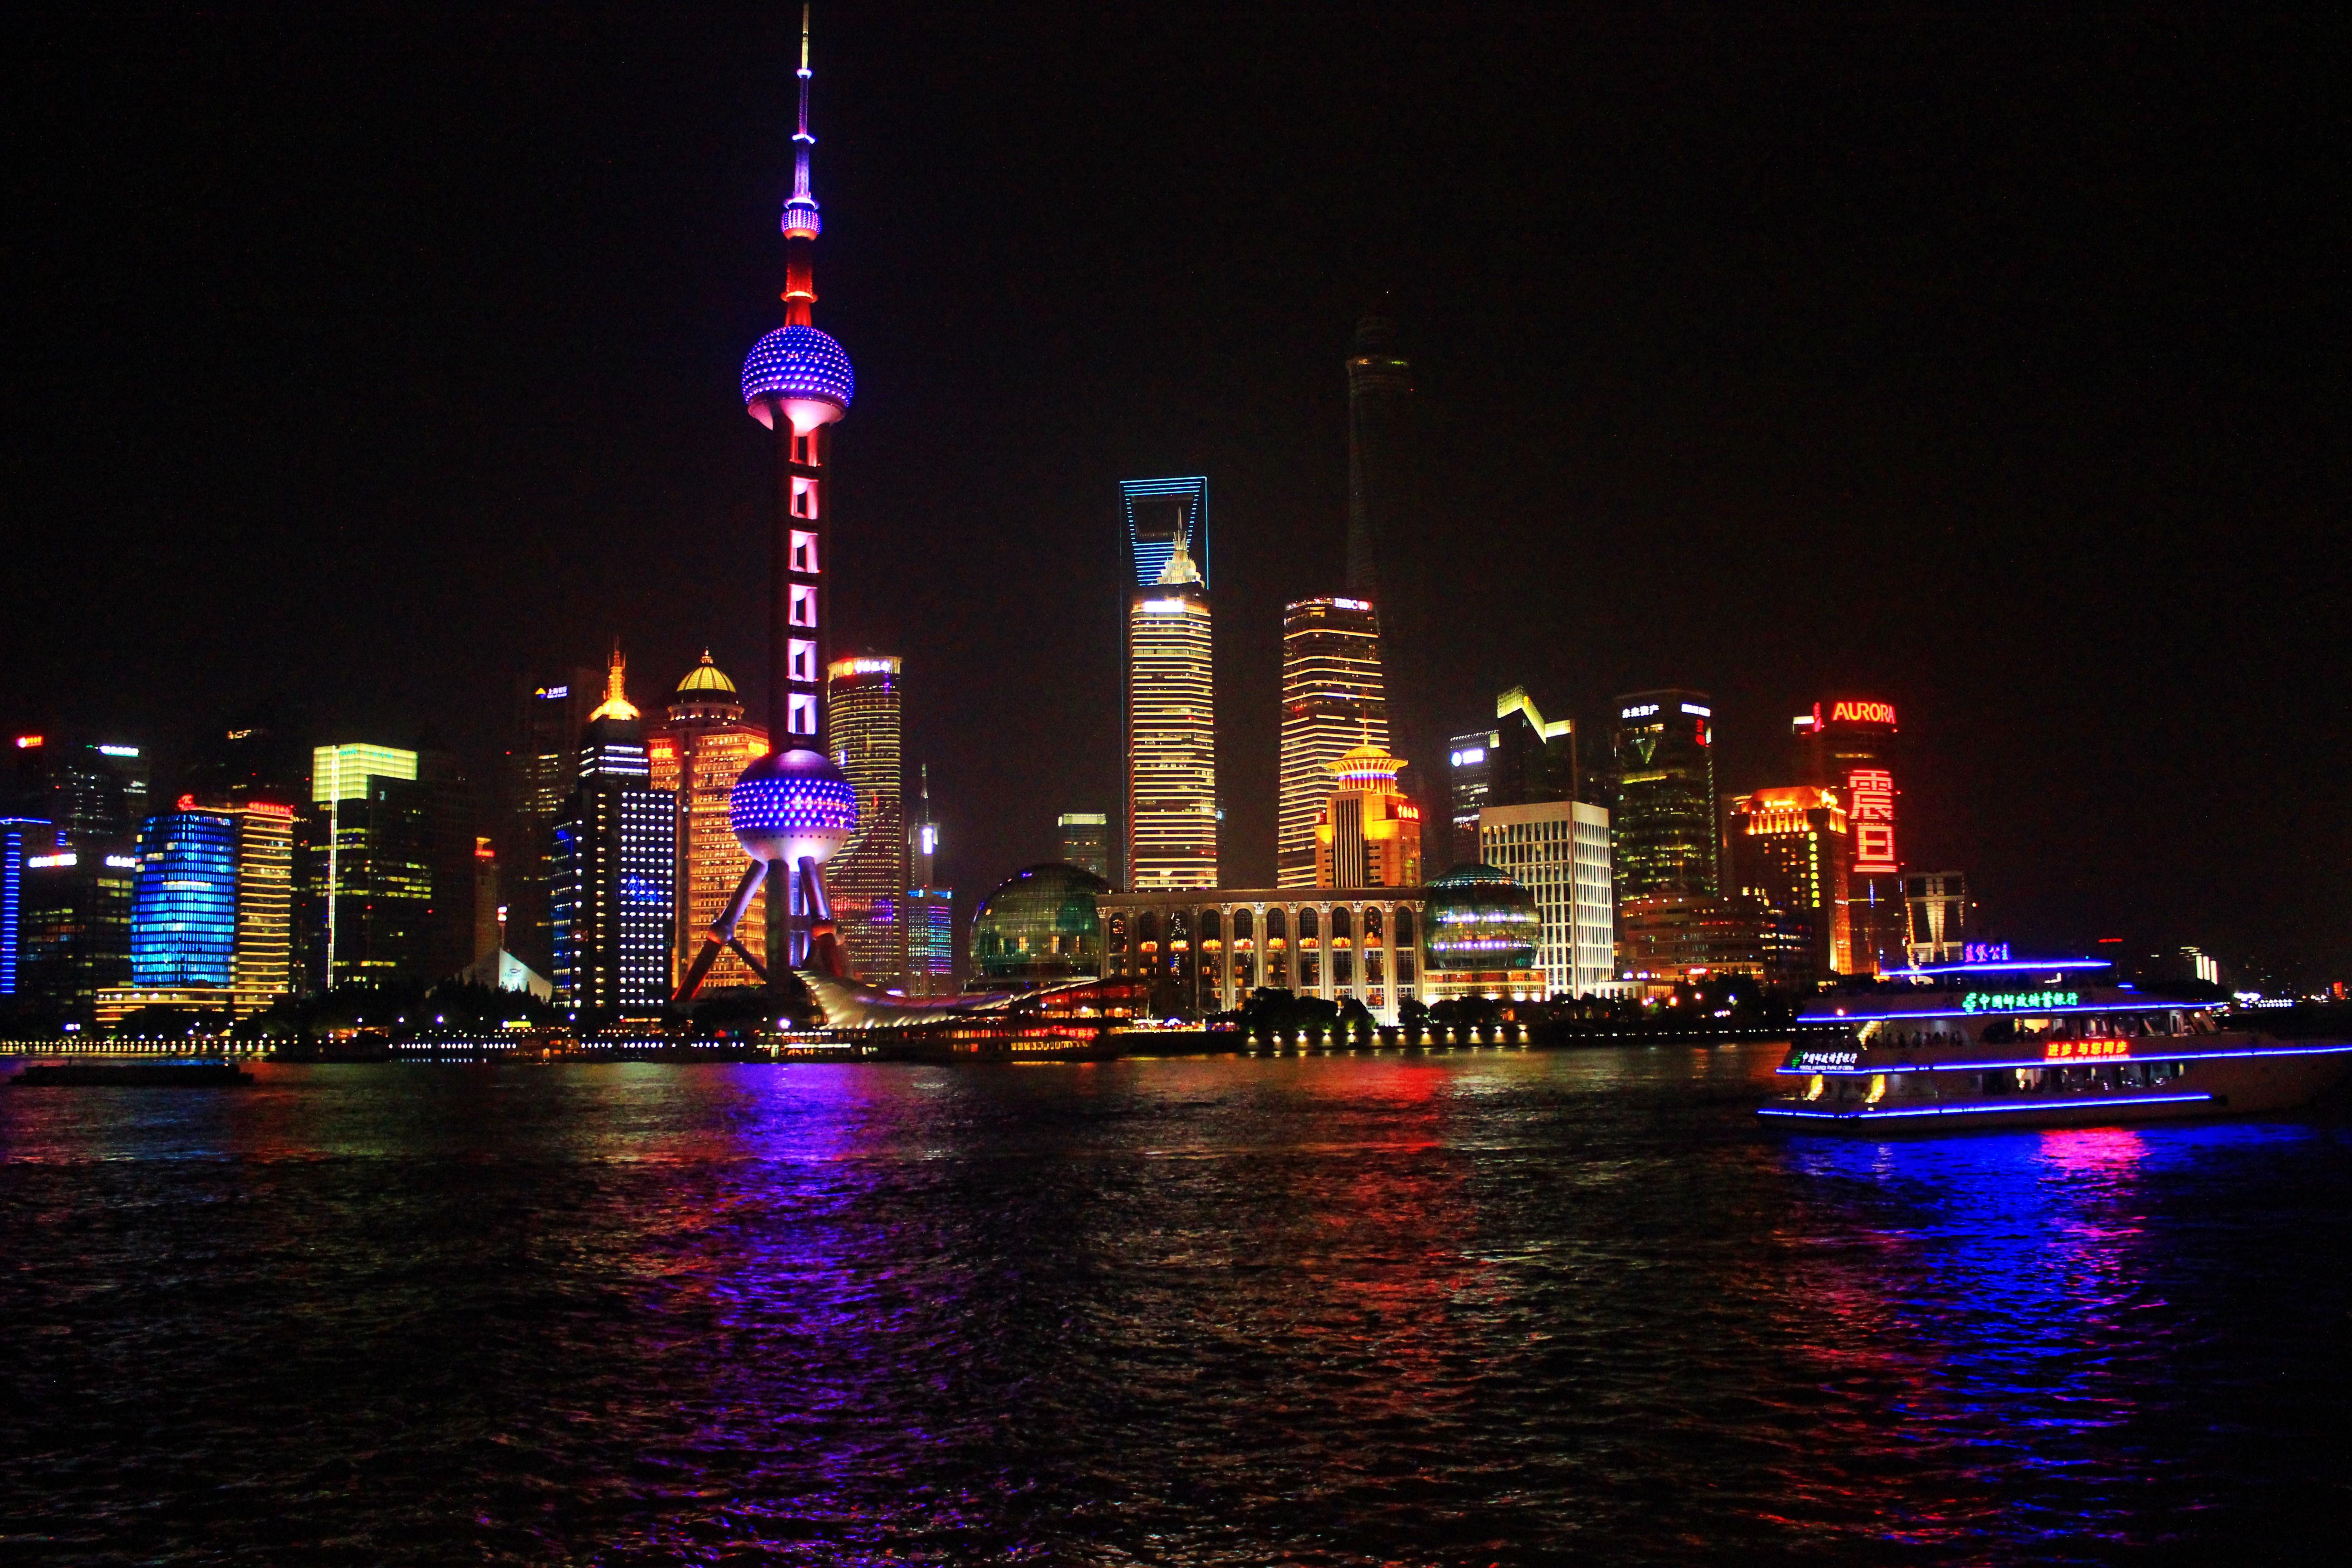 【携程攻略】上海外滩适合单独旅行旅游吗